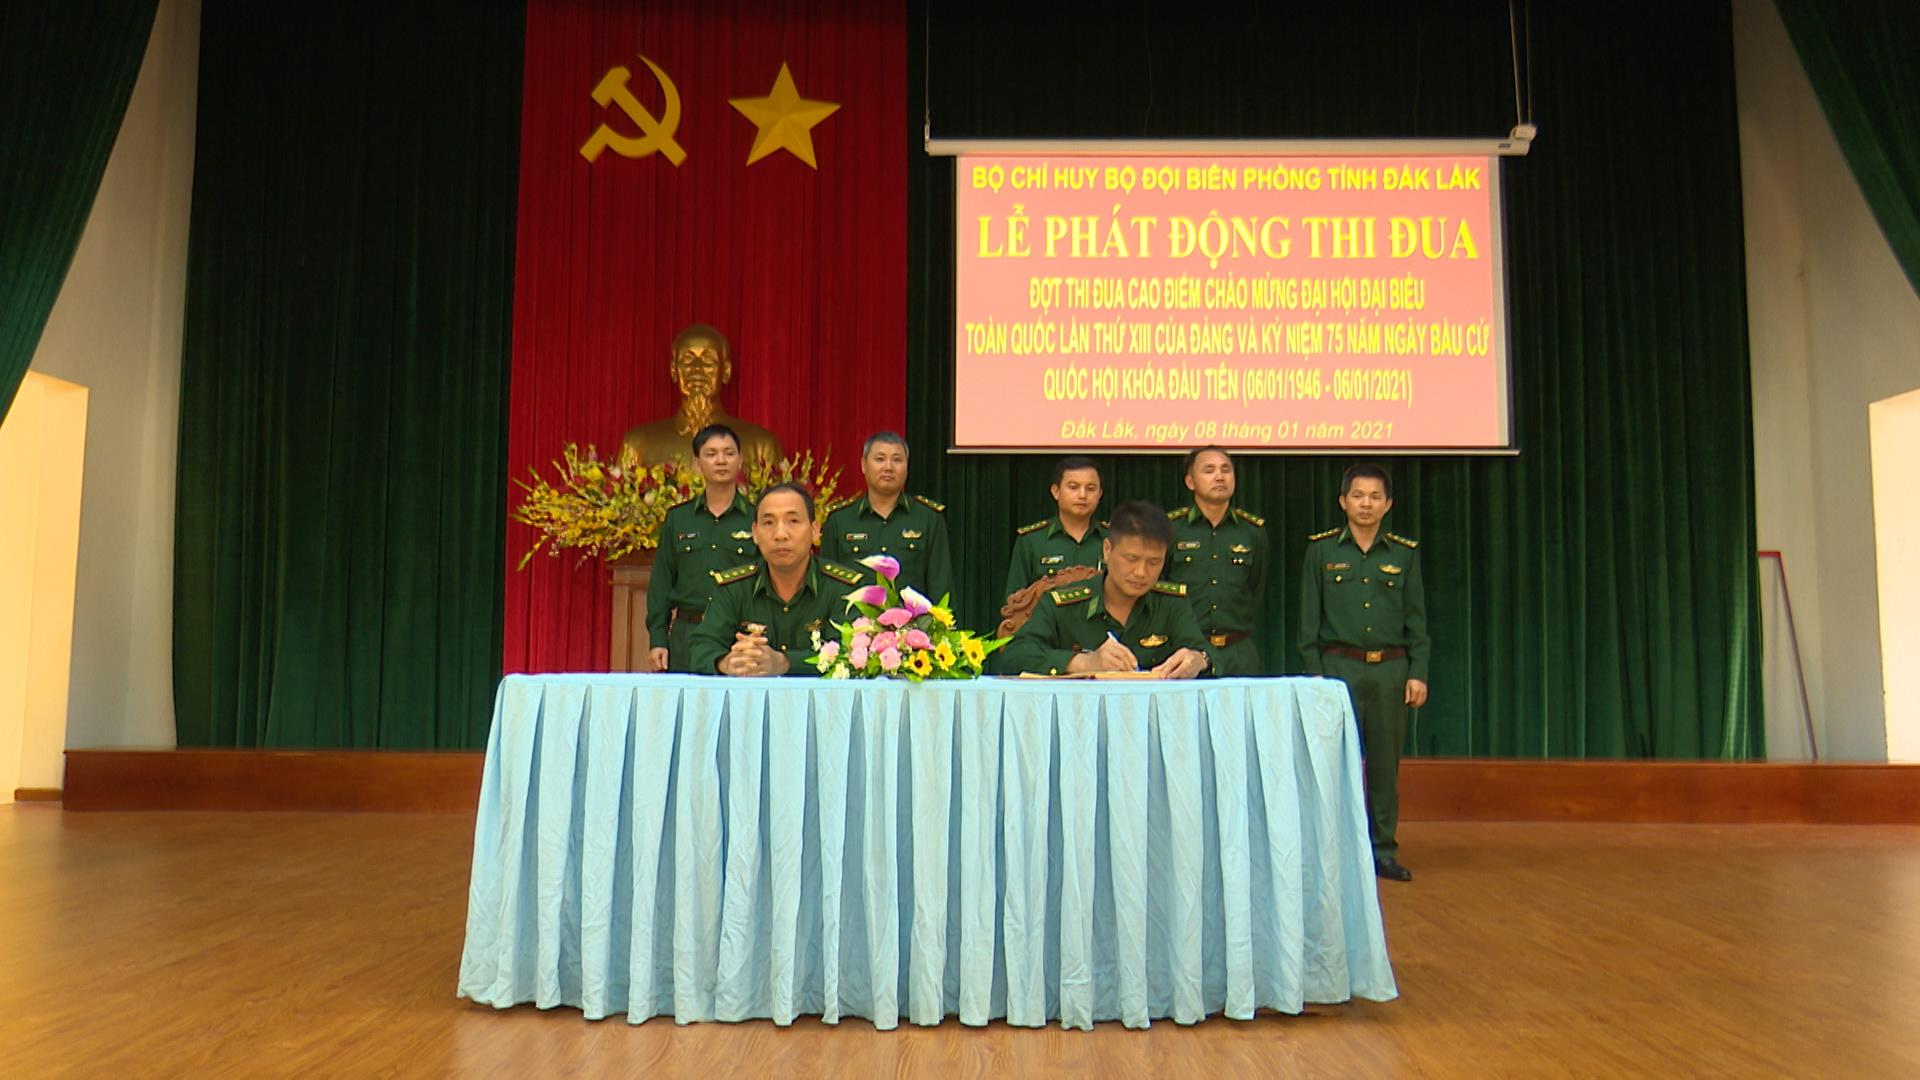 Bộ đội Biên phòng tỉnh Đắk Lắk phát động thi đua chào mừng Đại hội Đảng toàn quốc lần thứ XIII